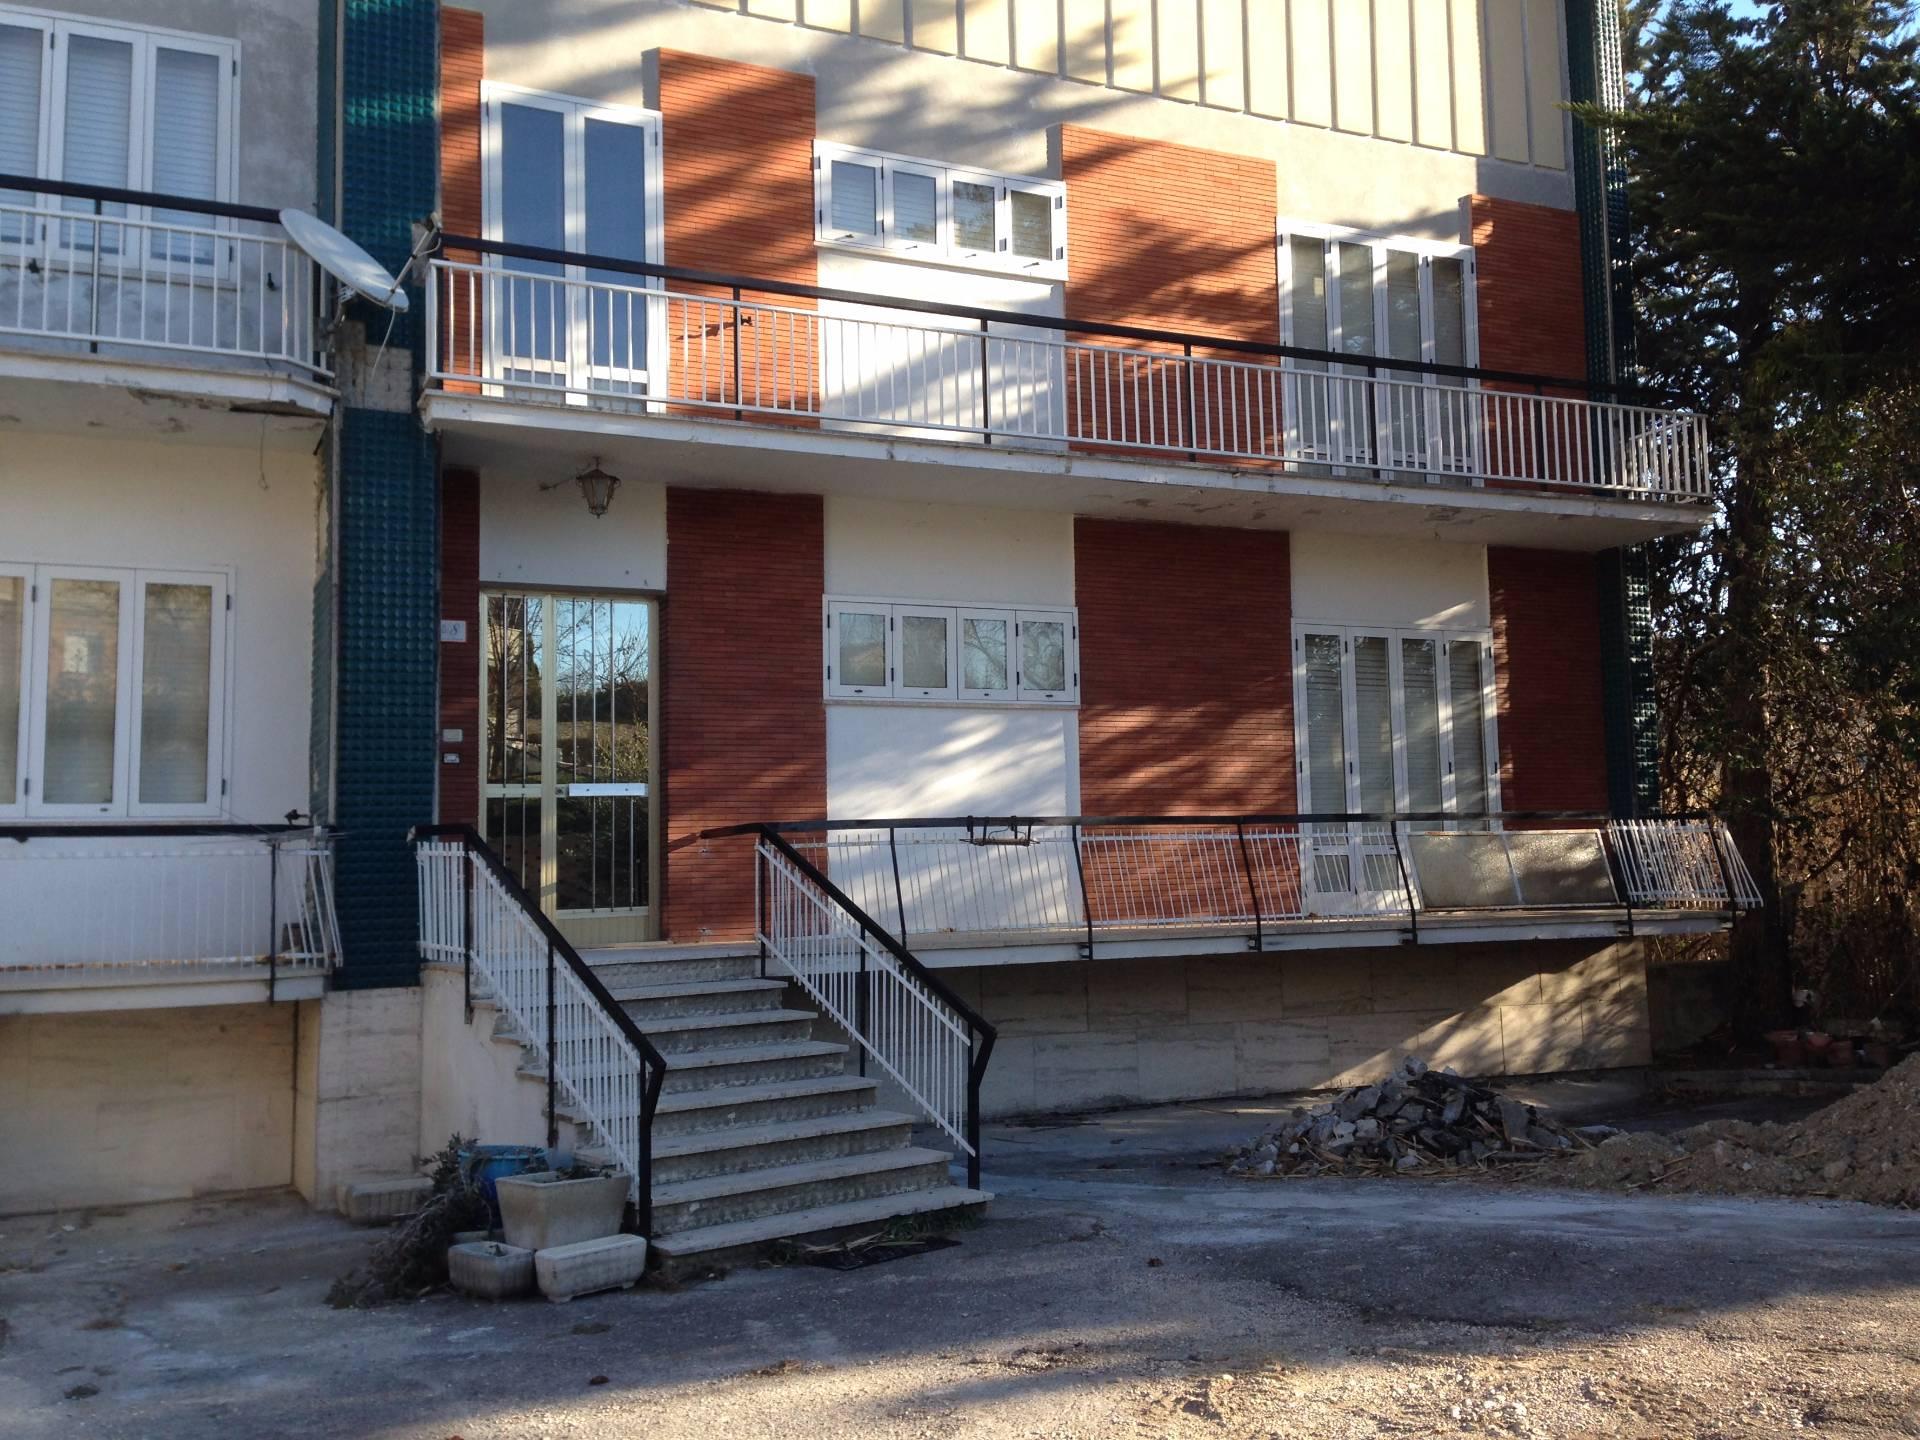 Appartamento in vendita a Monte Vidon Corrado, 7 locali, prezzo € 105.000 | CambioCasa.it